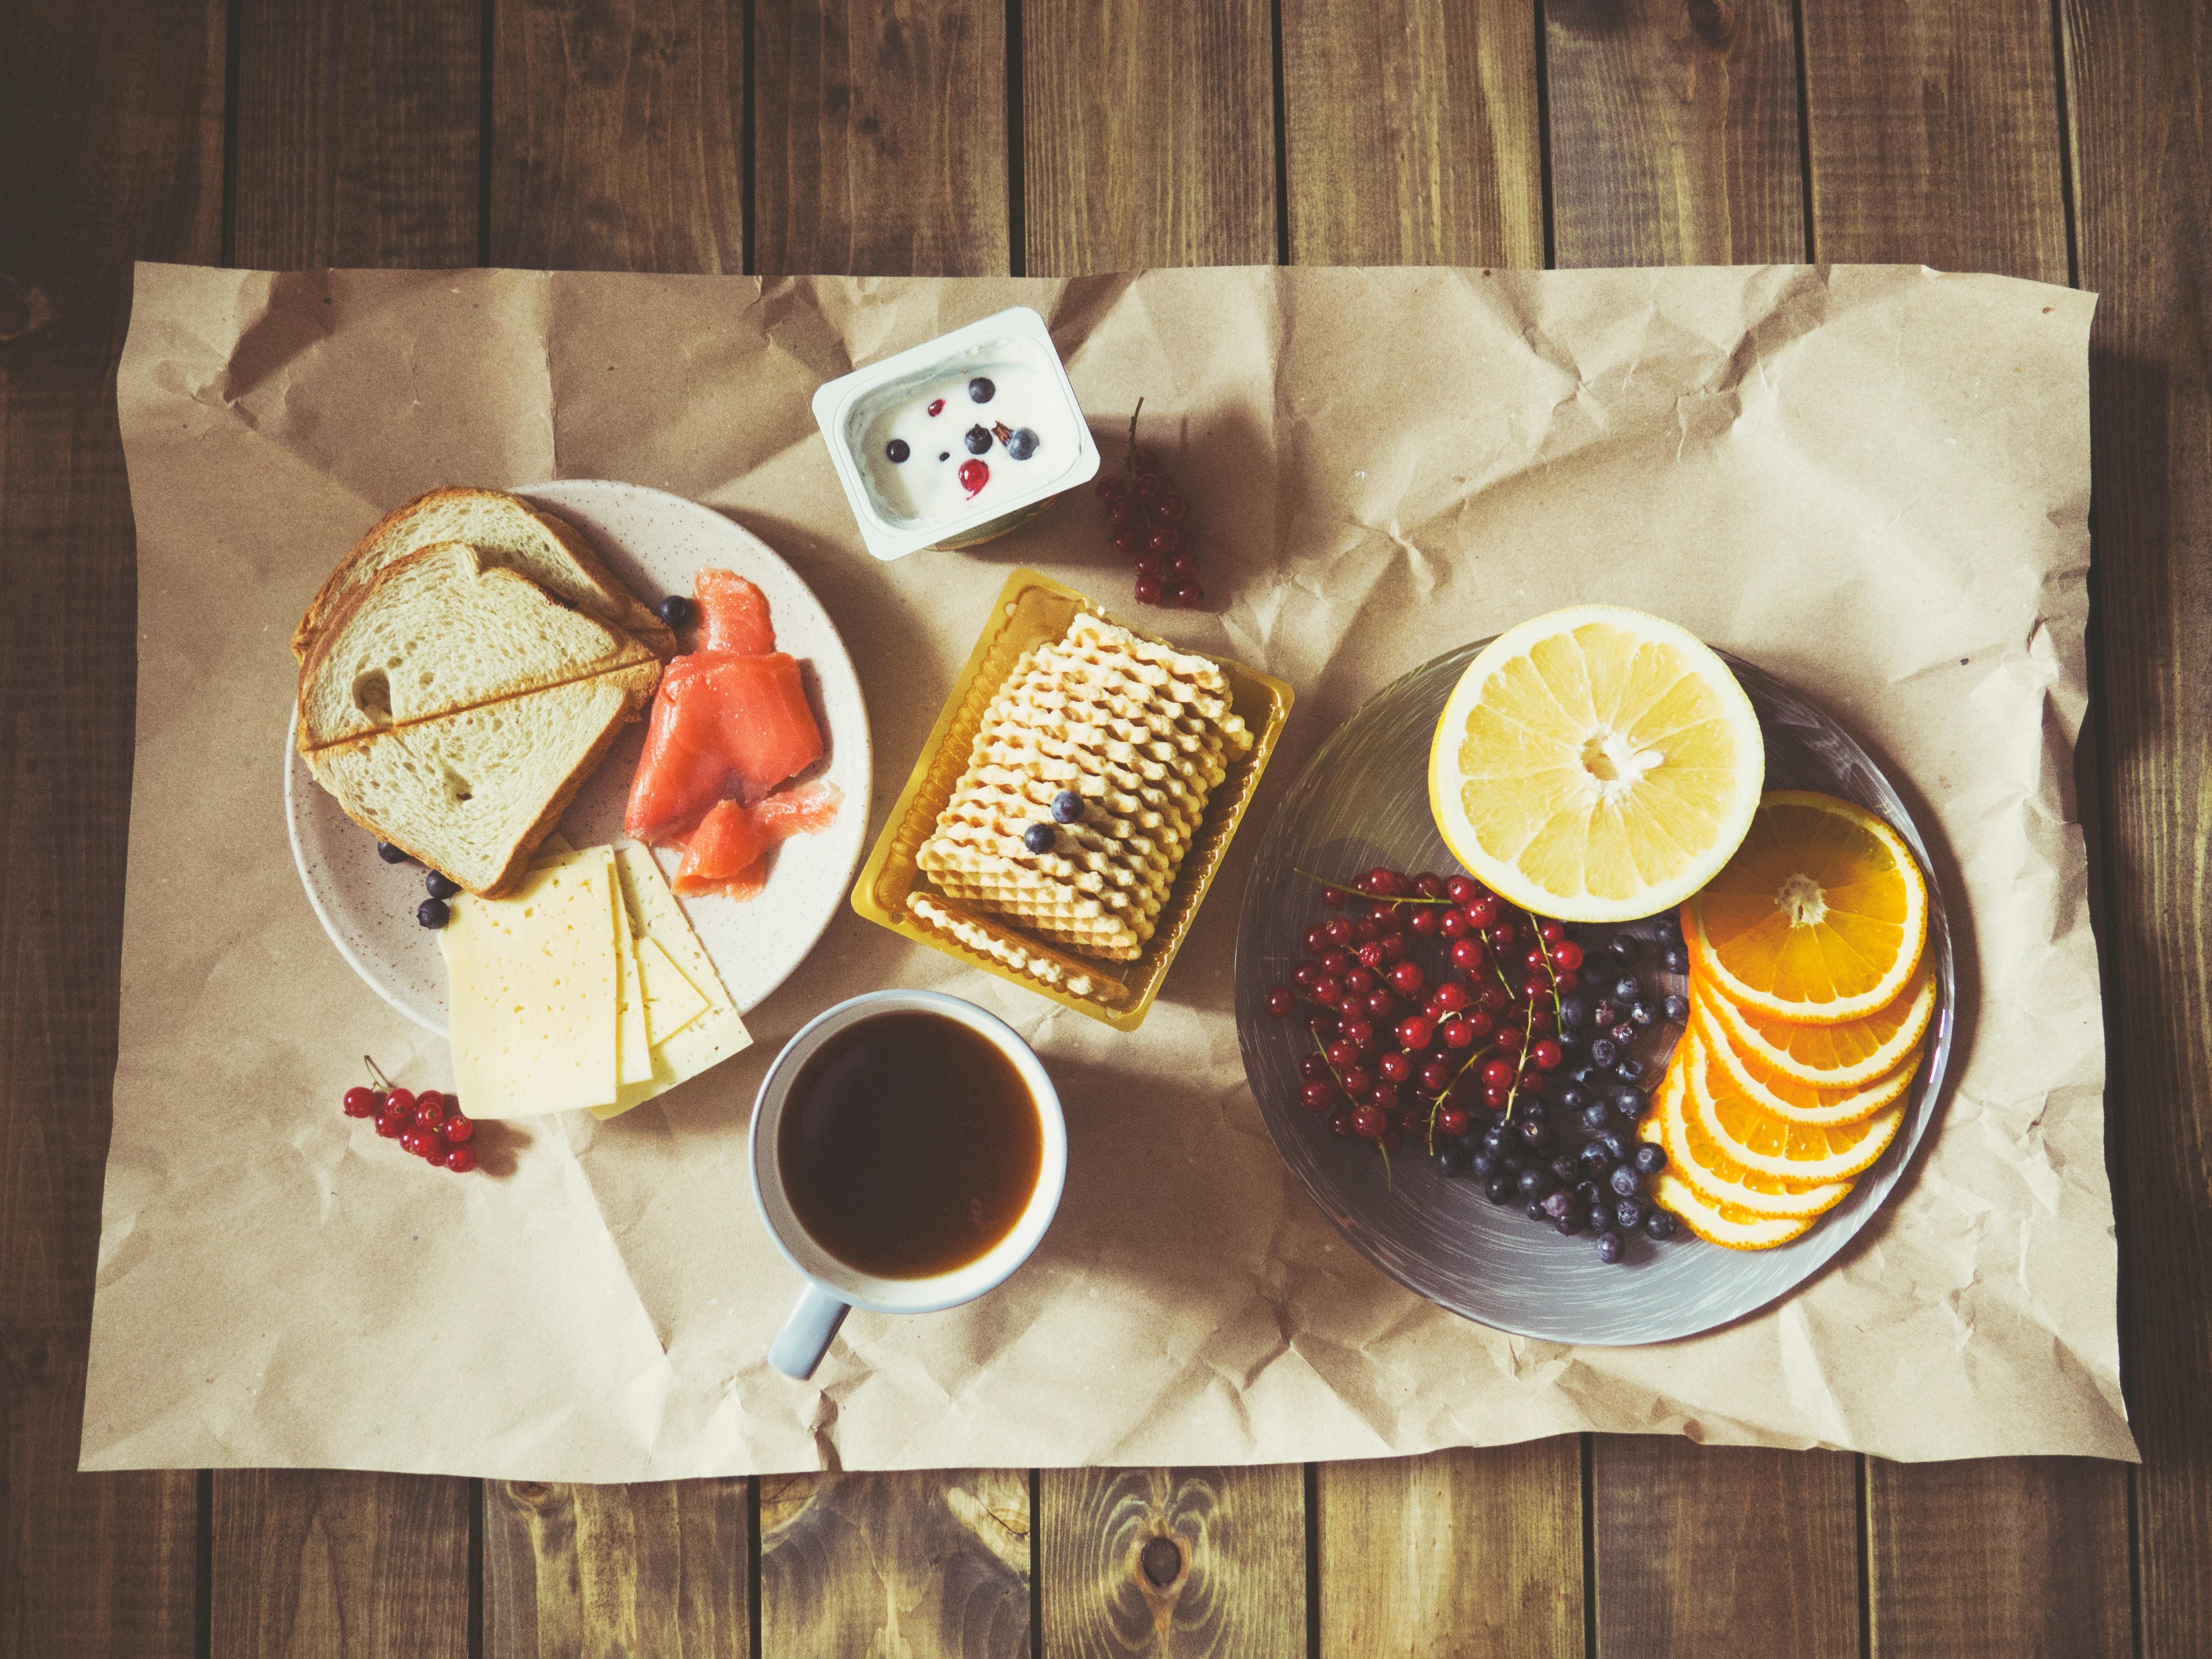 amazing photos pexels. Brunch clipart healthy breakfast